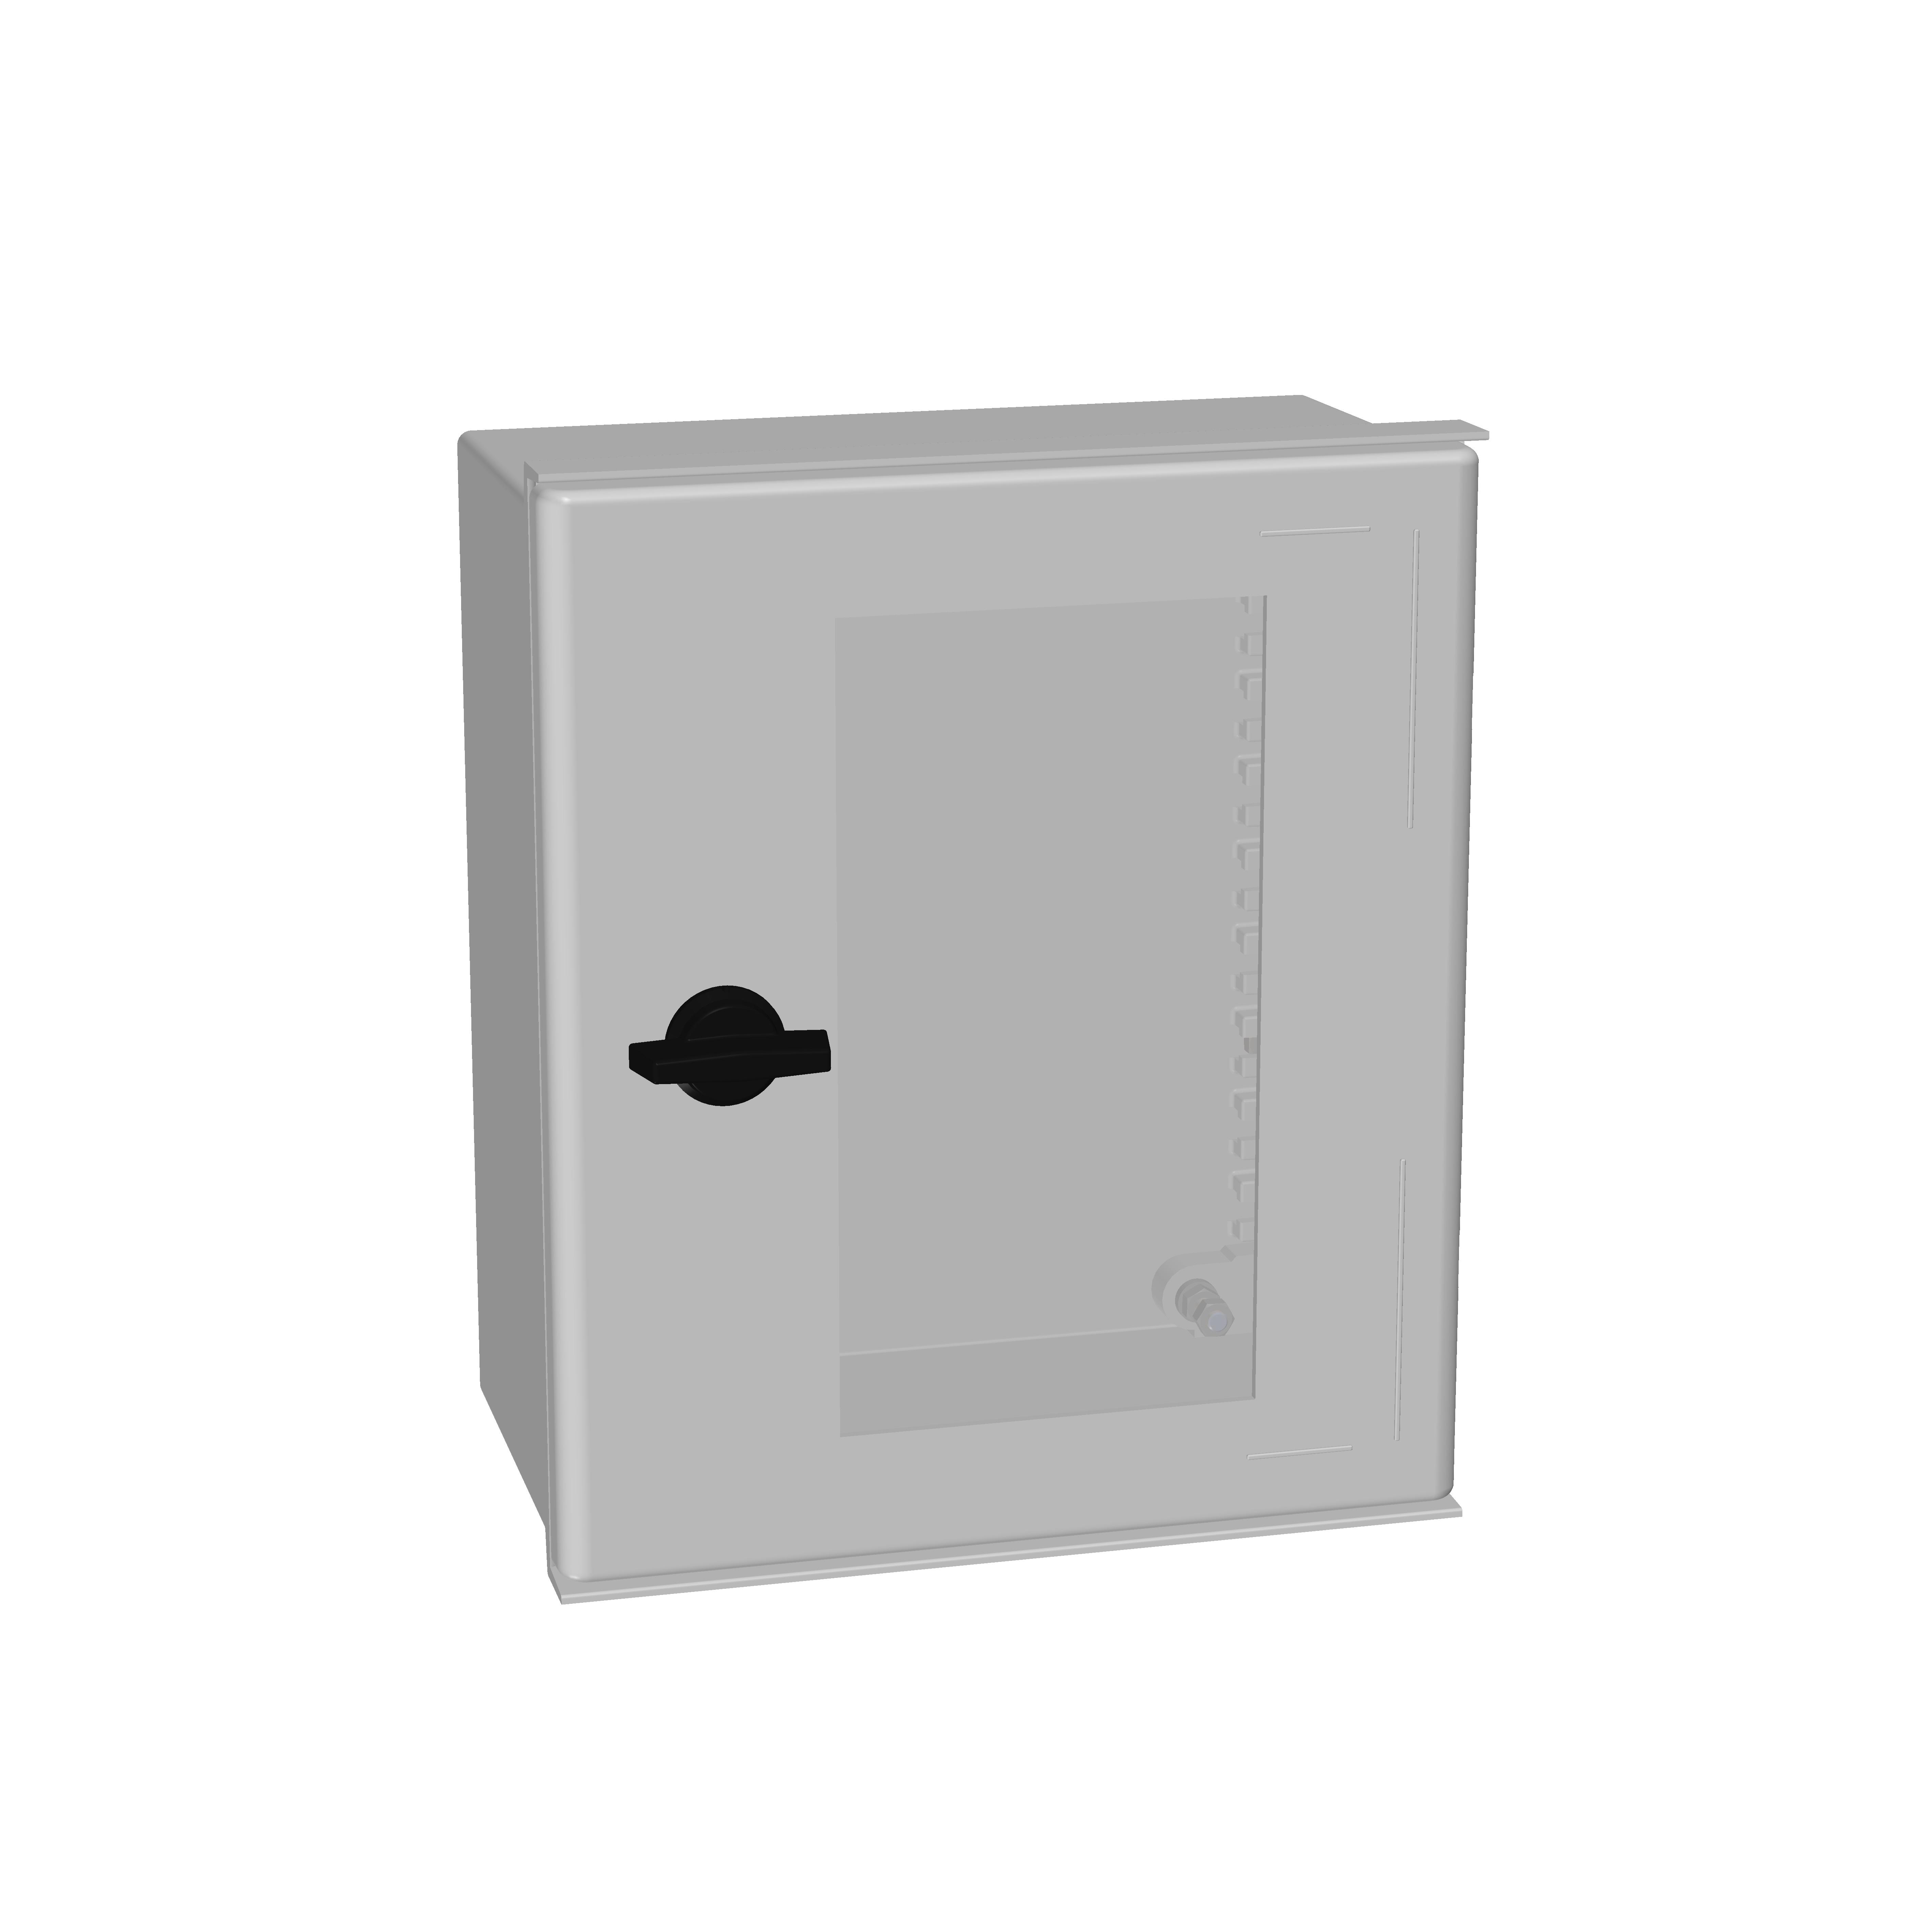 1 Stk Minipol-Wandschrank mit Sichtfenster 300x250x140mm IM008932--